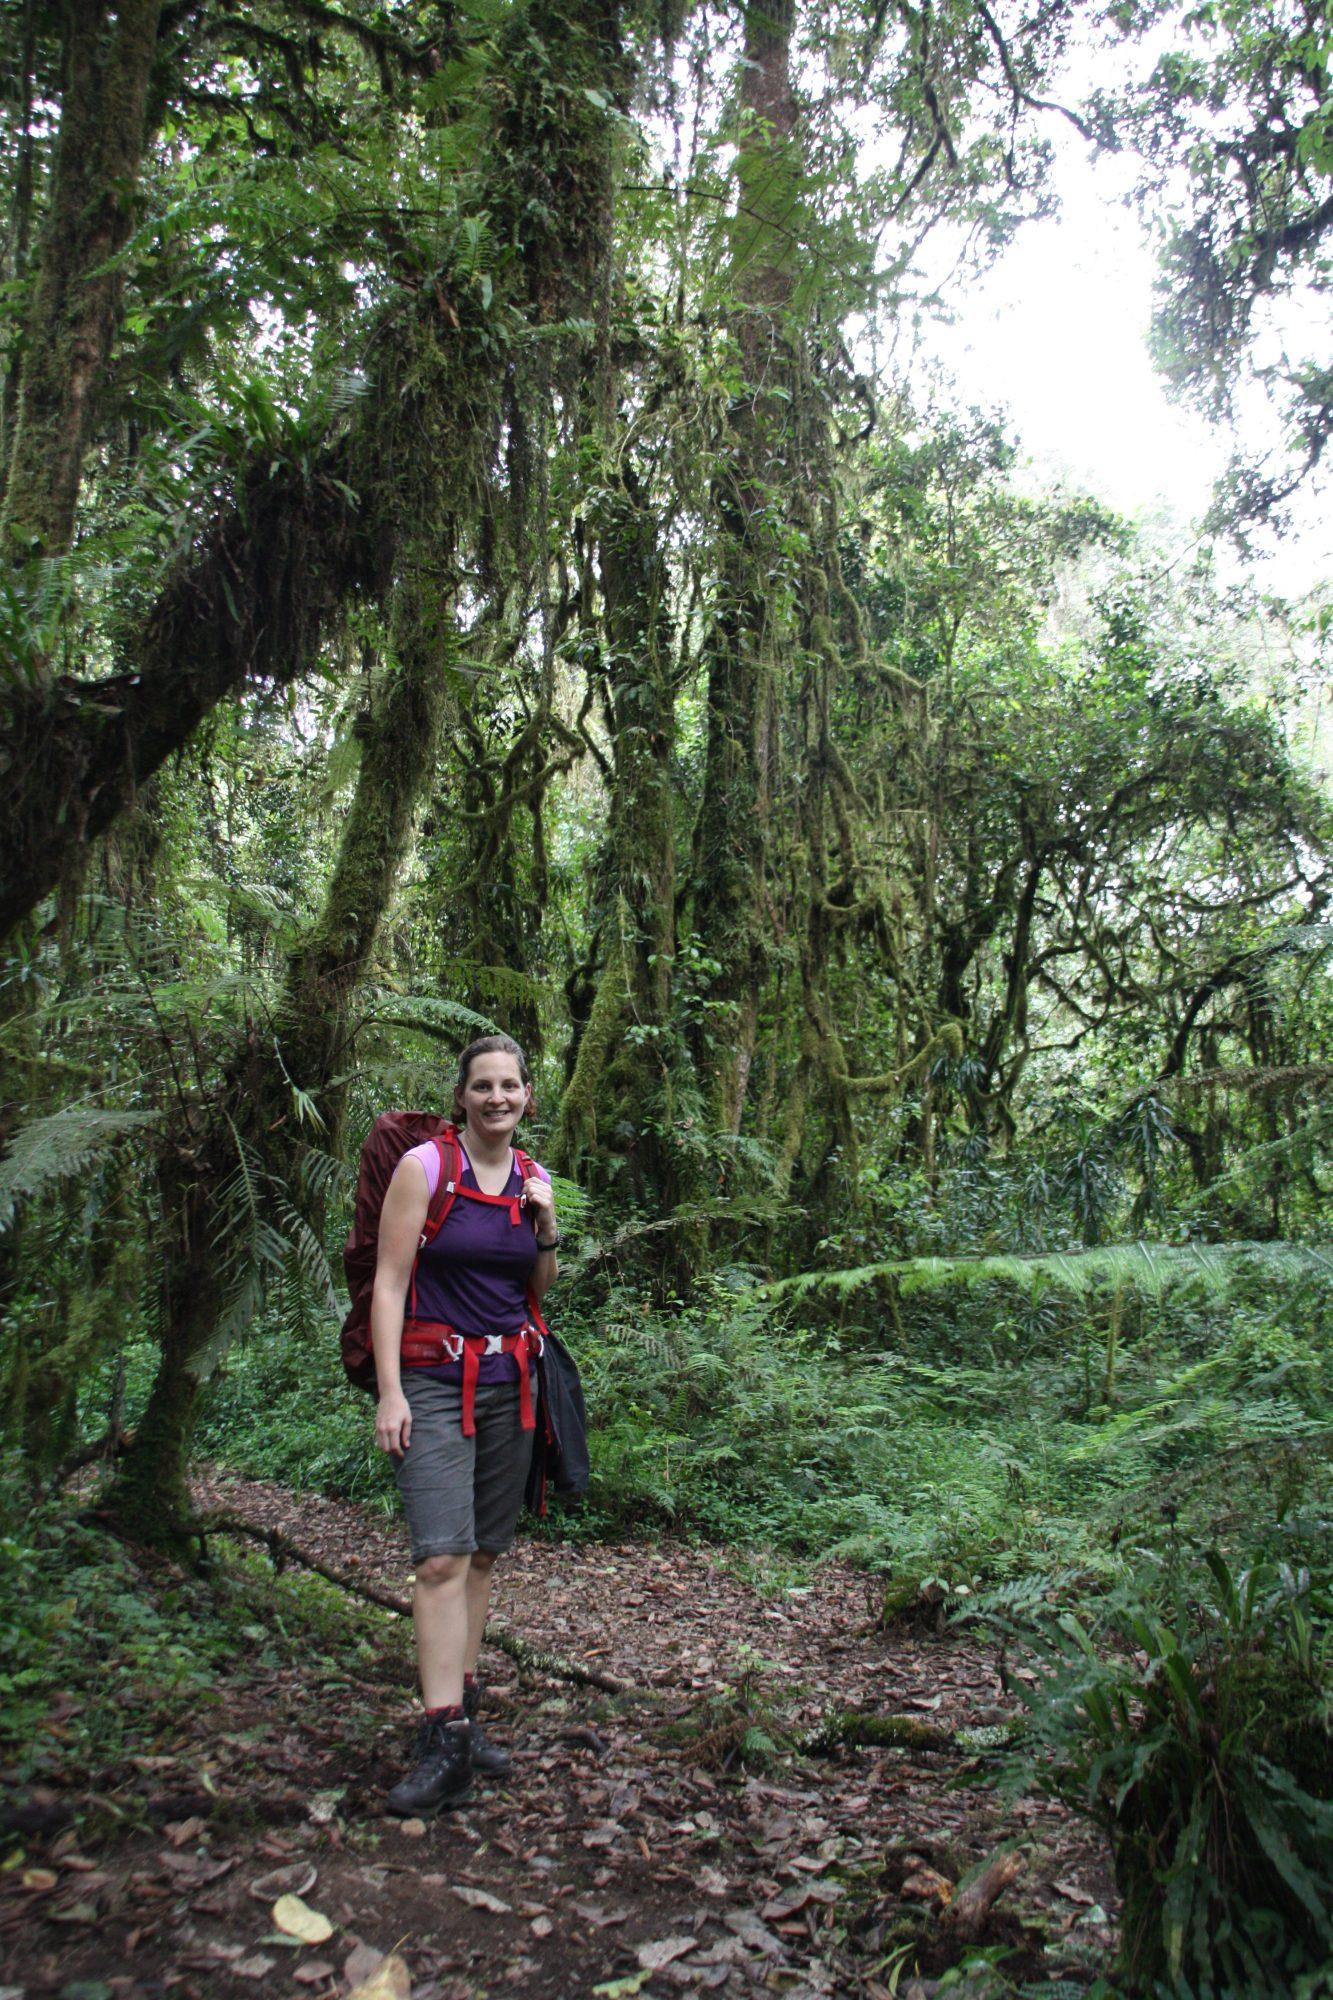 Regenwald und Wanderer, Kilimandscharo, Kilimandscharo besteigen, Tansania, Afrika, Kilimandscharo Tour, Erfahrungsbericht, Machame Route